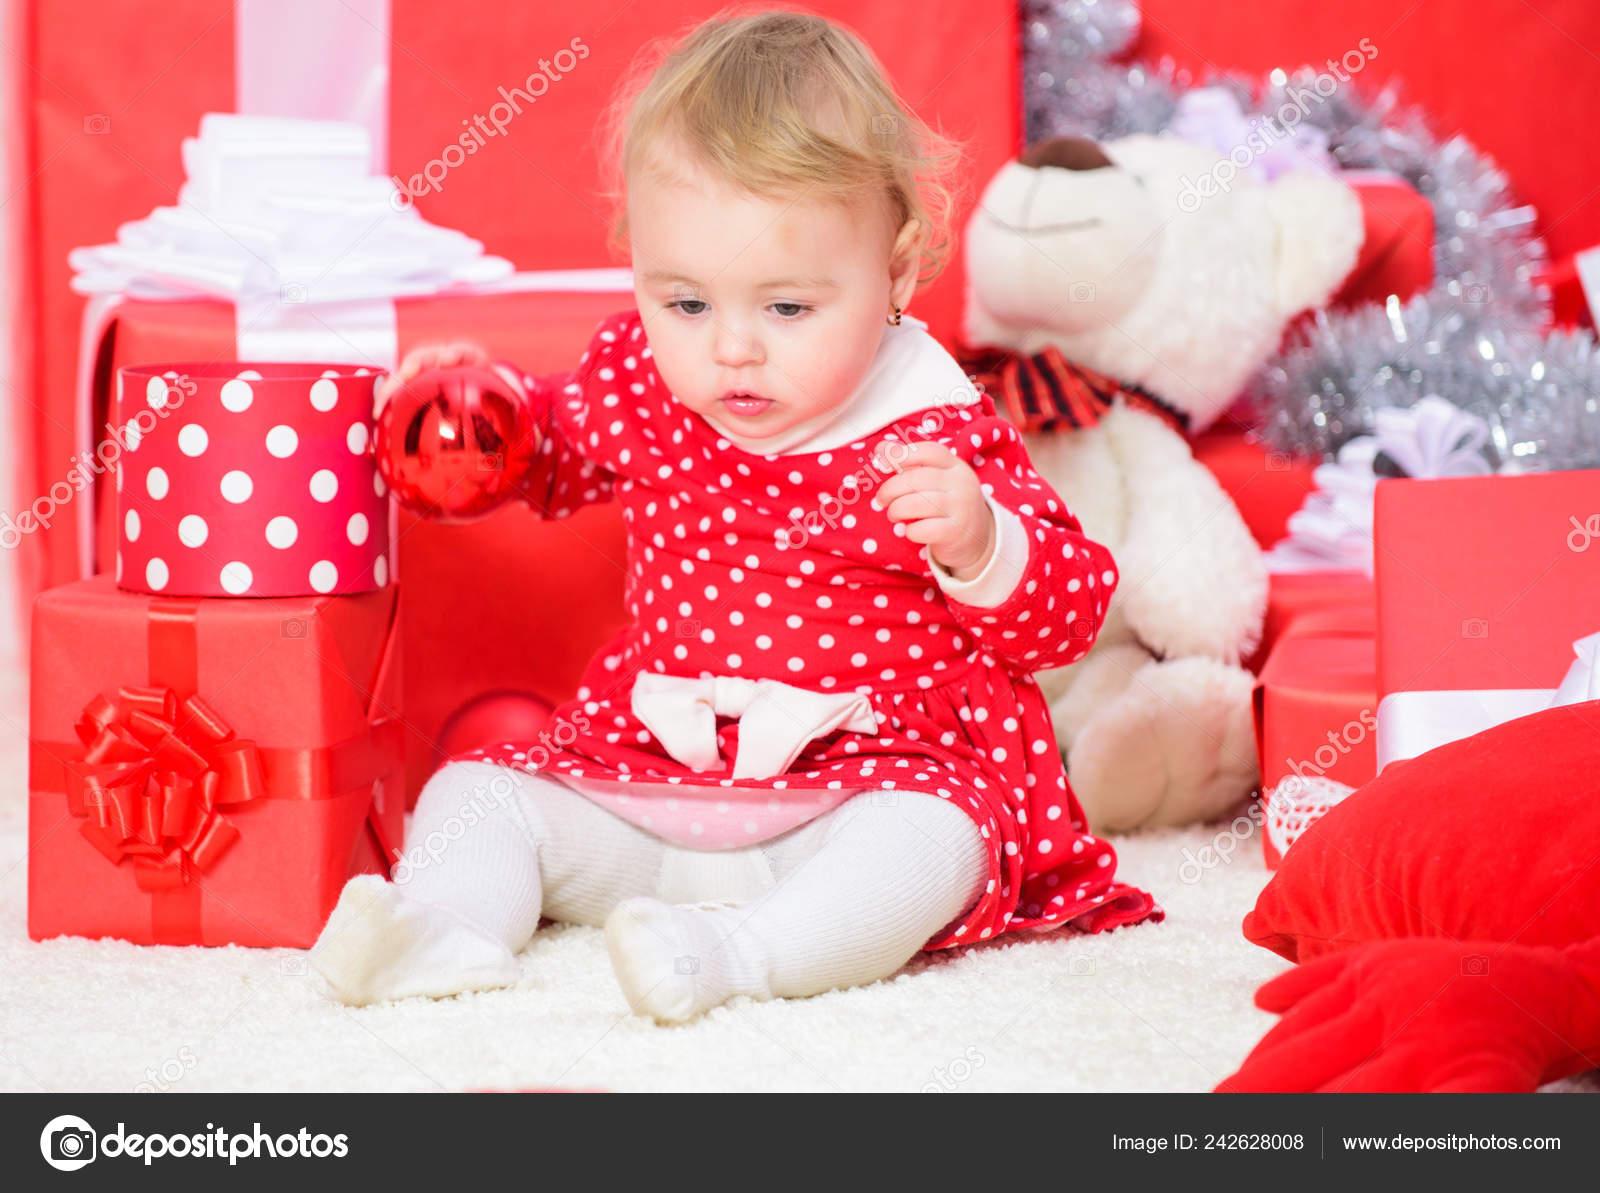 Regali Di Natale Bimbi.Regali Di Natale Per Il Bimbo Cose Da Fare Con I Bambini A Natale